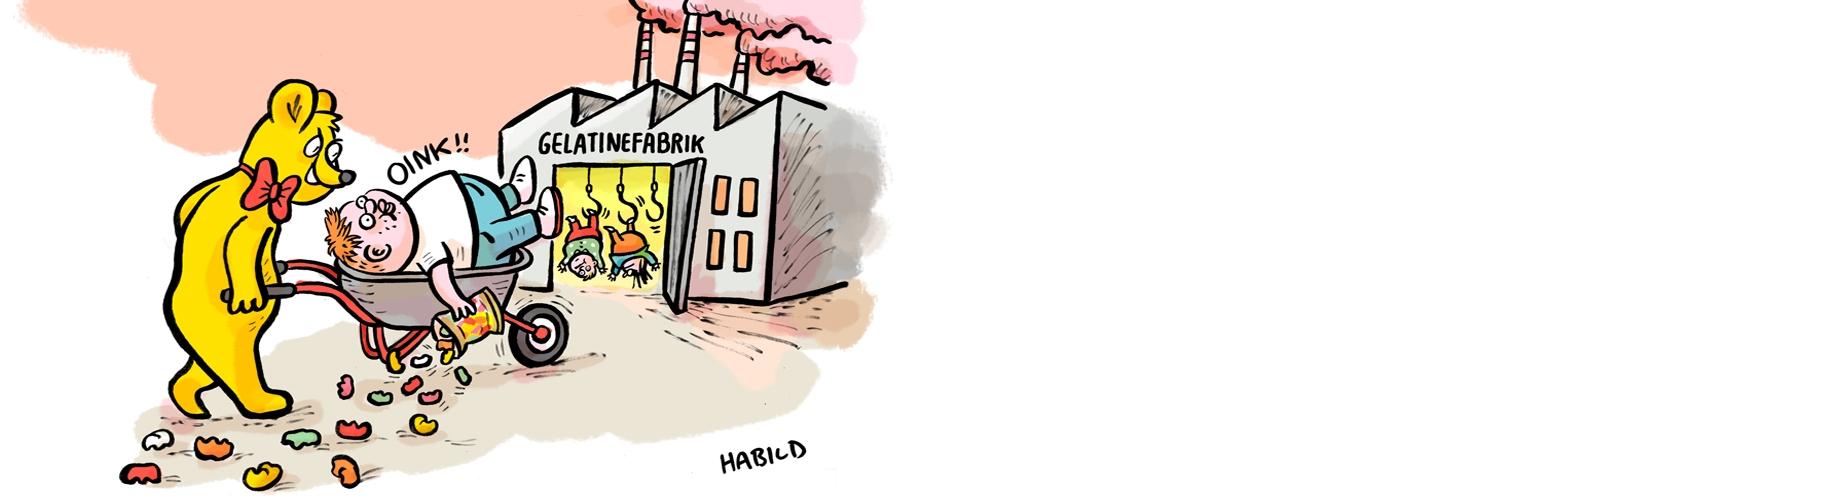 Die Wahrheit über Haribo